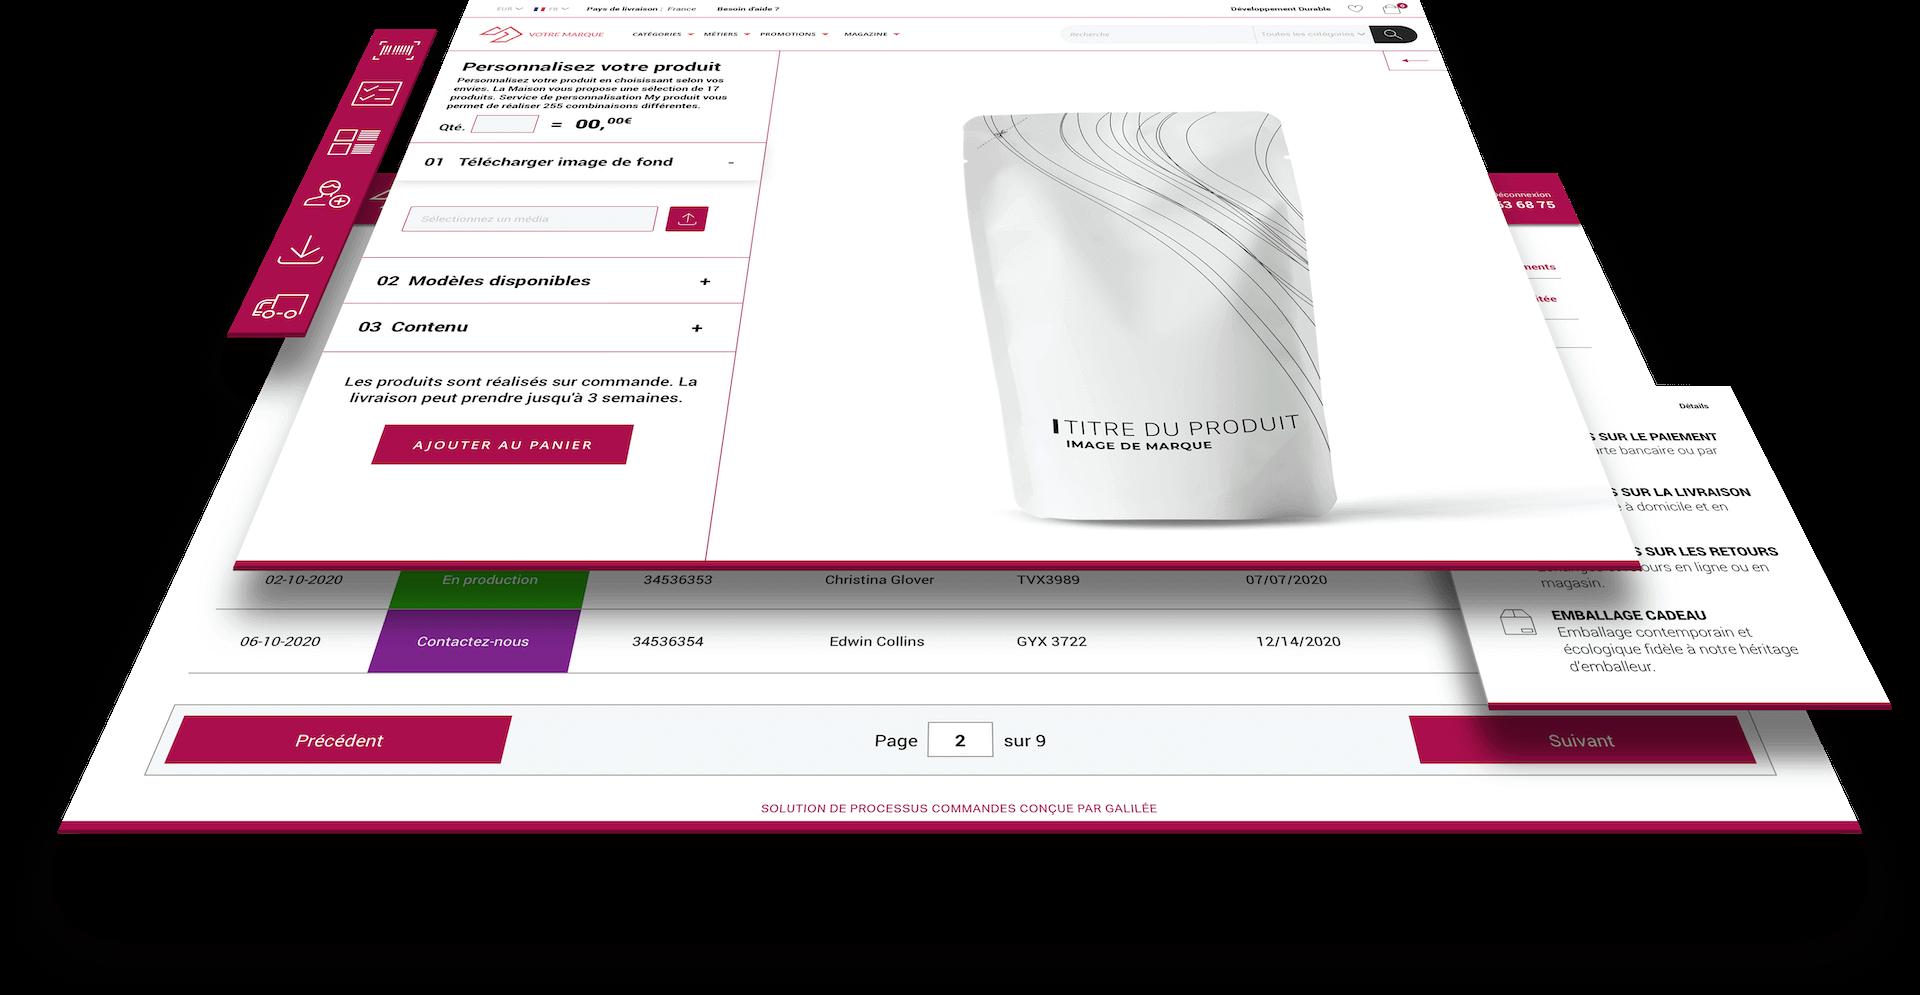 Personnalisez vos offres et digitalisez votre gestion de production grâce au web-to-print